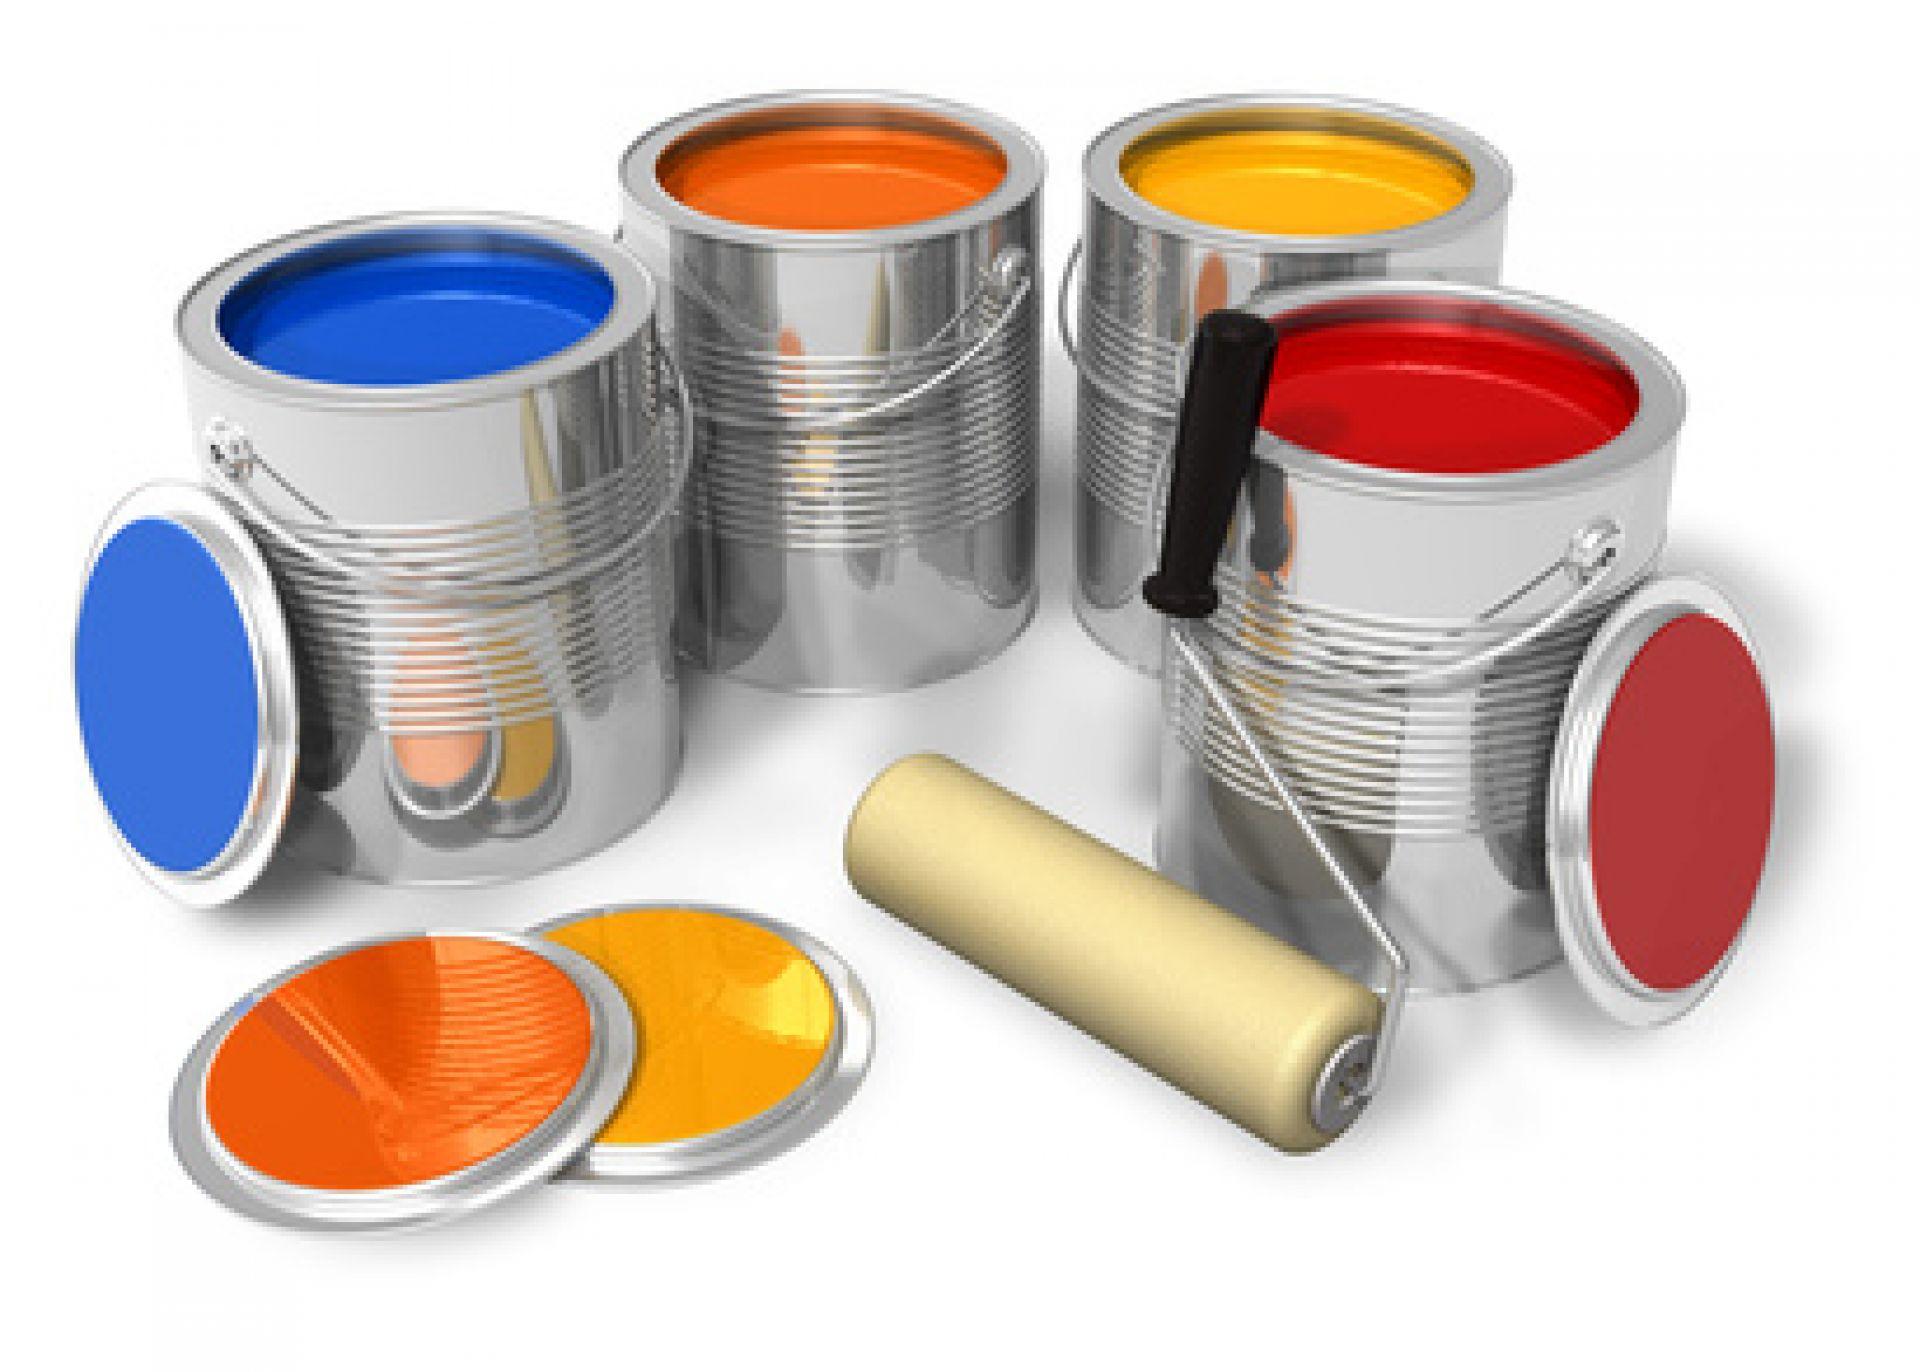 ce qu il faut faire pour supprimer l 39 odeur de peinture dans une pi ce. Black Bedroom Furniture Sets. Home Design Ideas